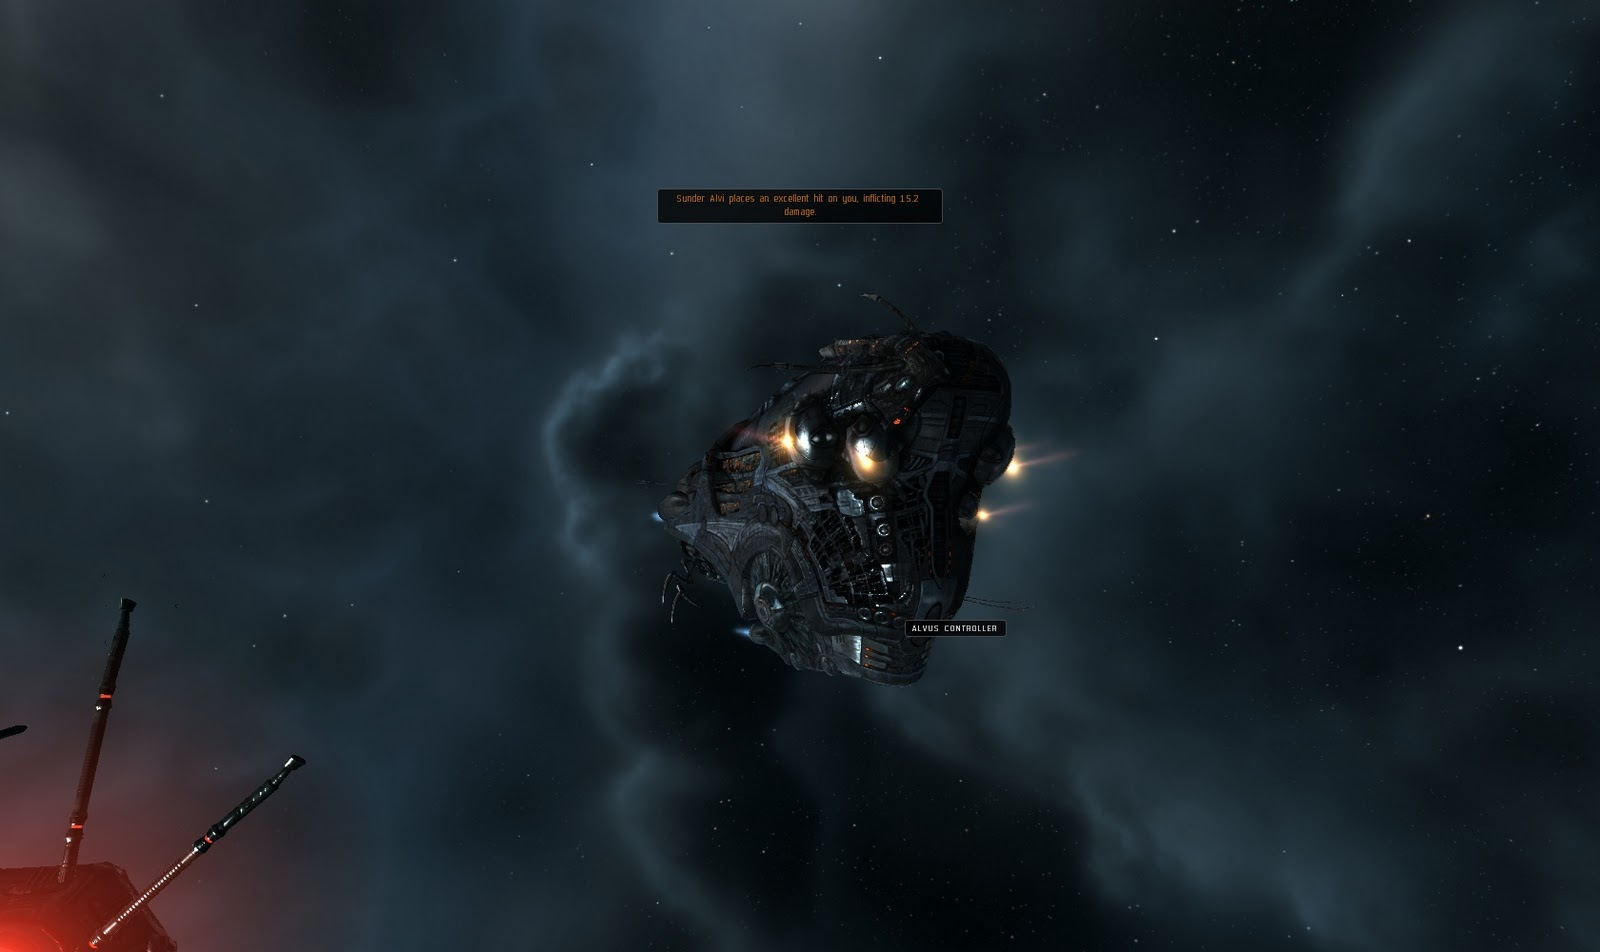 asteroid mining armageddon - photo #25